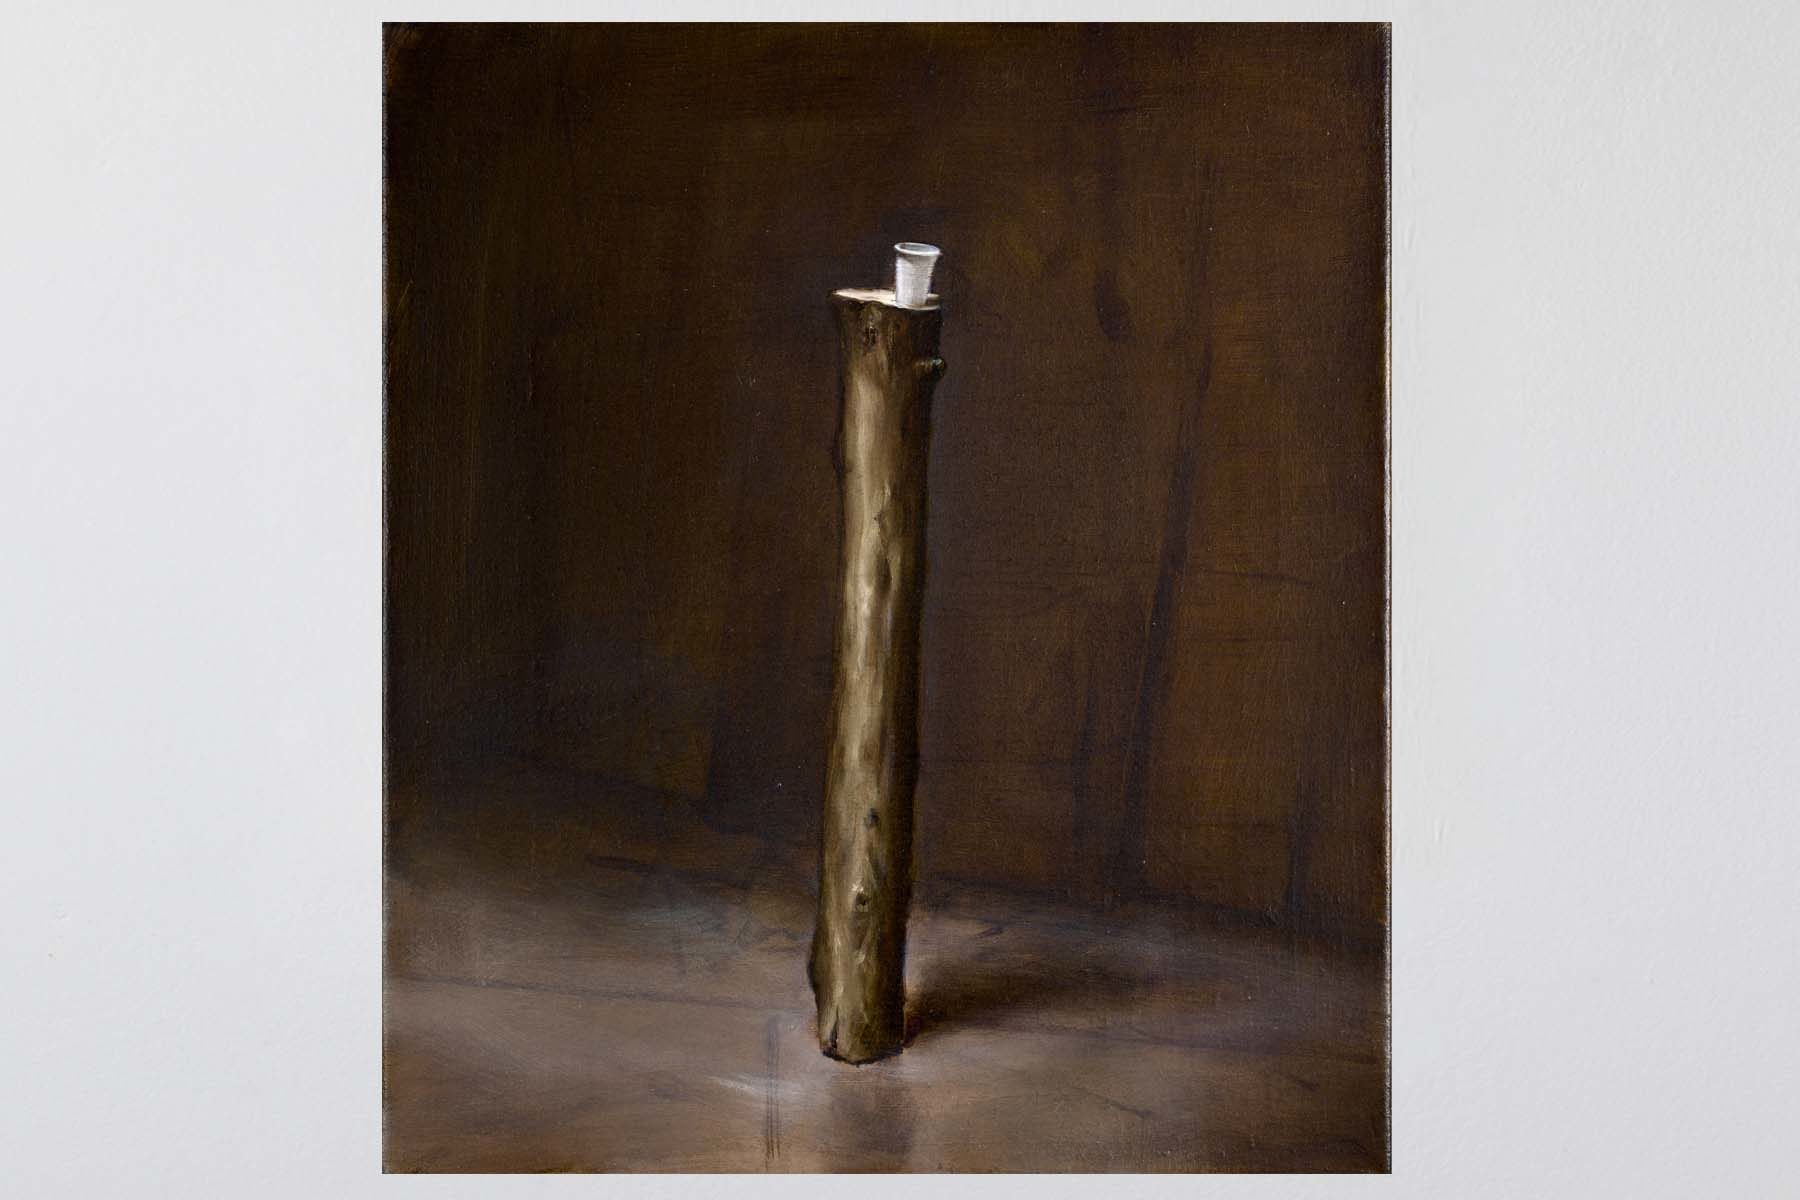 Manuele Cerutti, Ritratto di eroe, I, 2013-2014, oil on linen, 42 x 36 cm